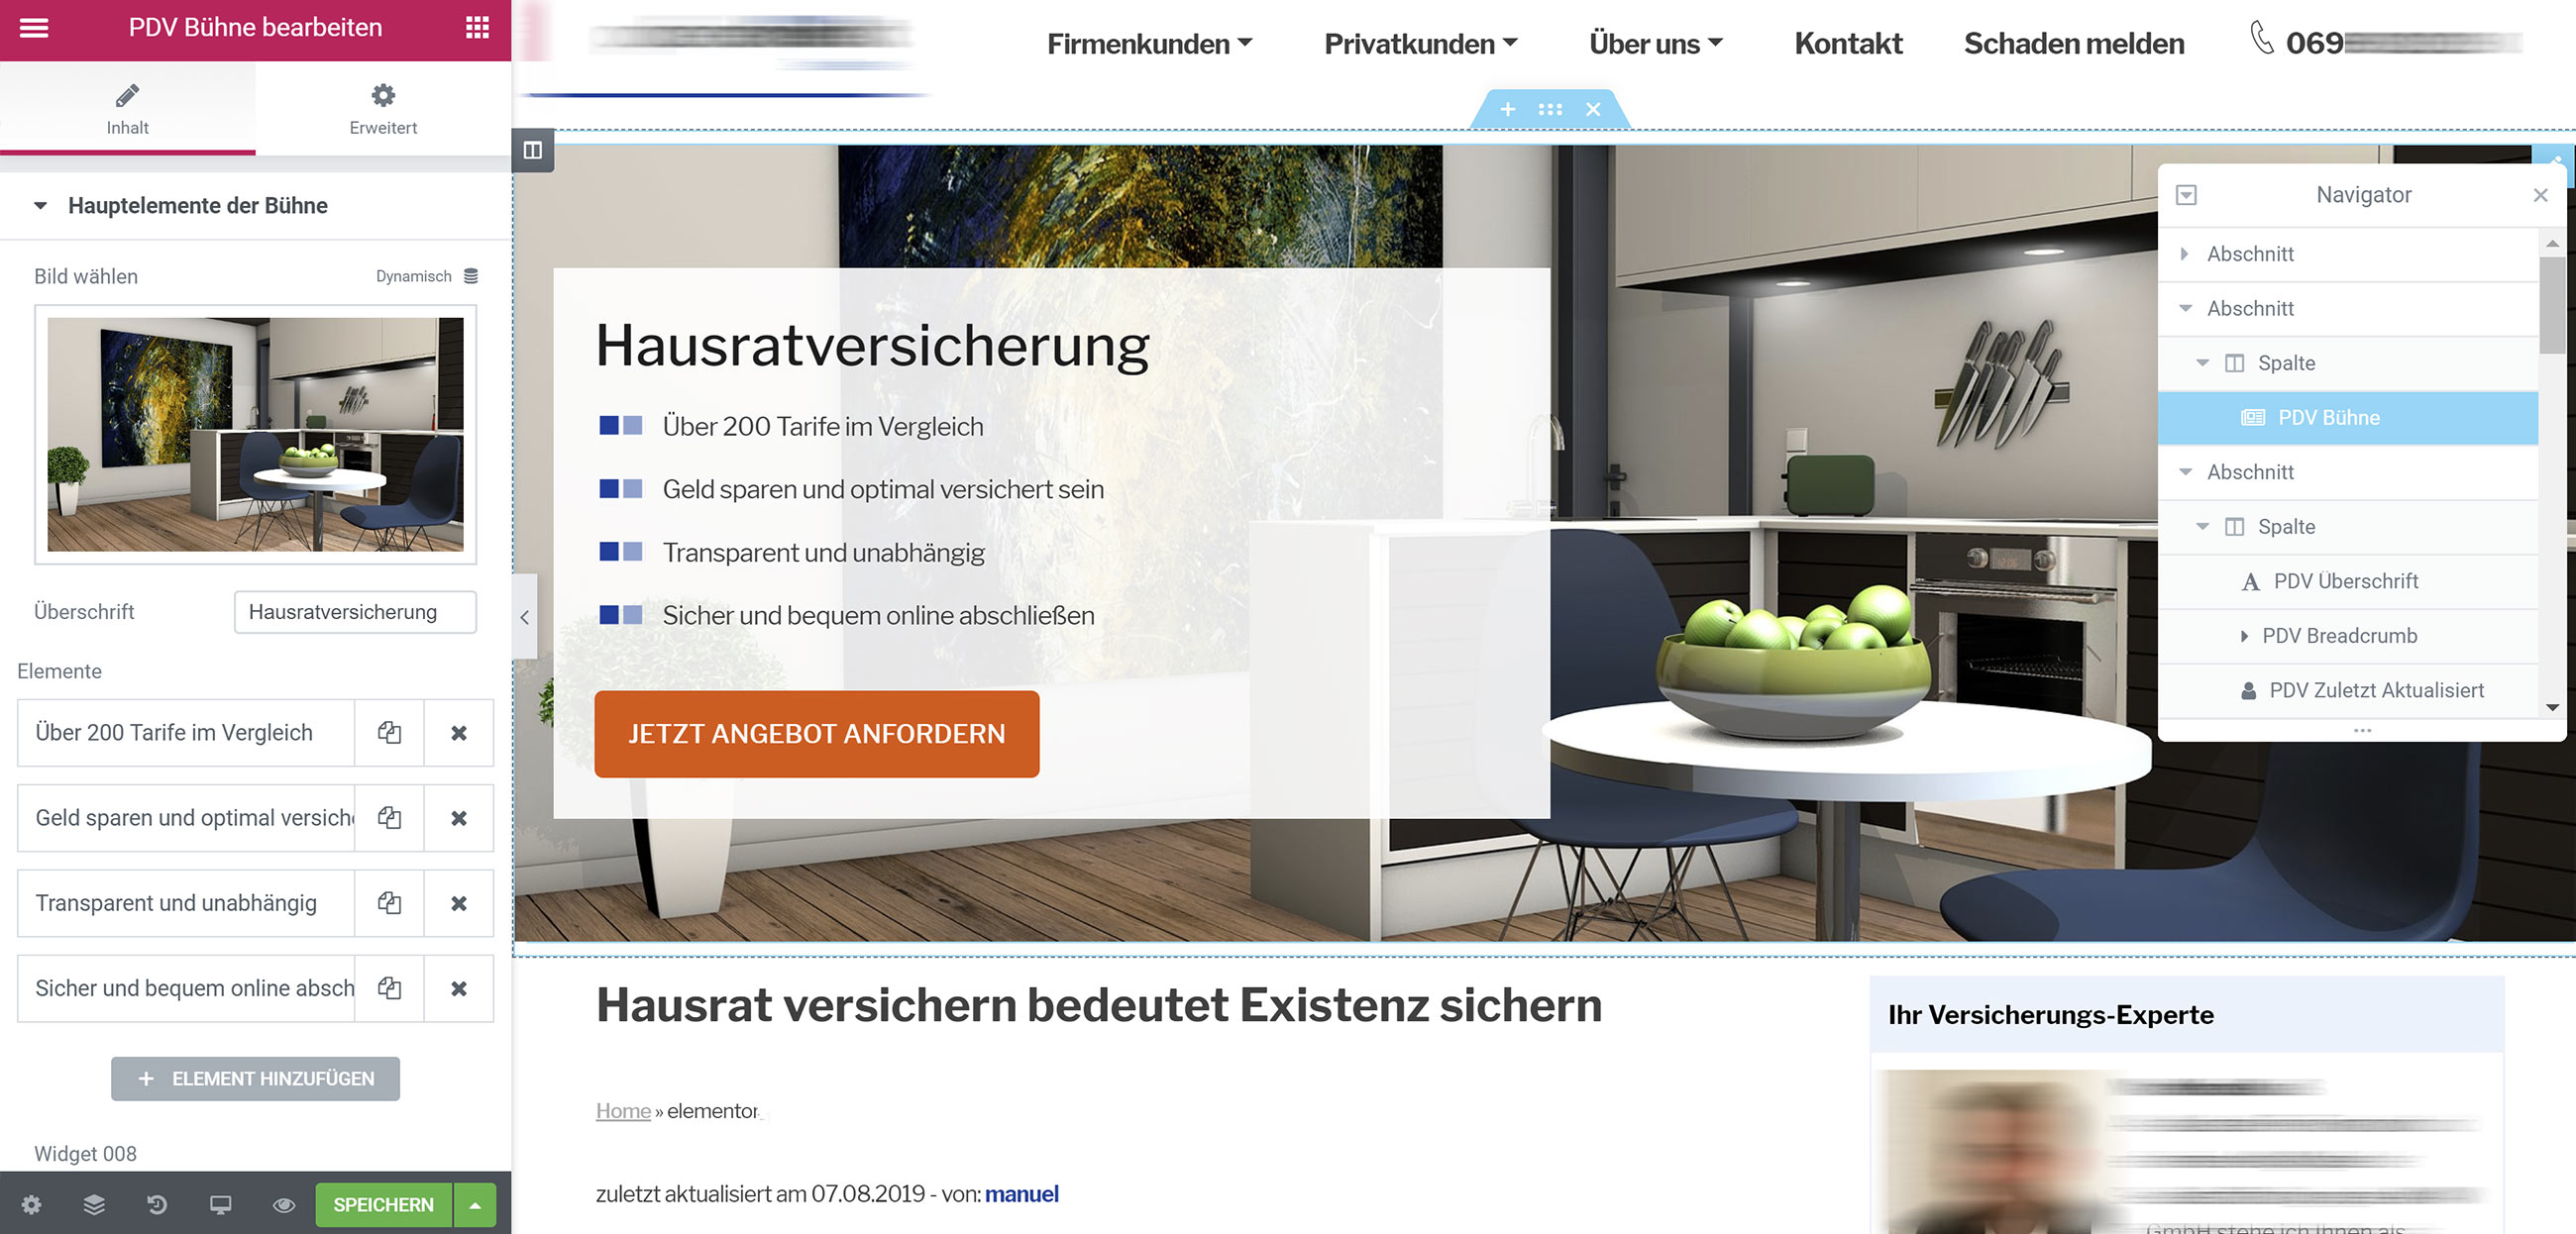 Elementor Widgets - WordPress als CMS - Screenshot - keine kaputten Webseiten mehr